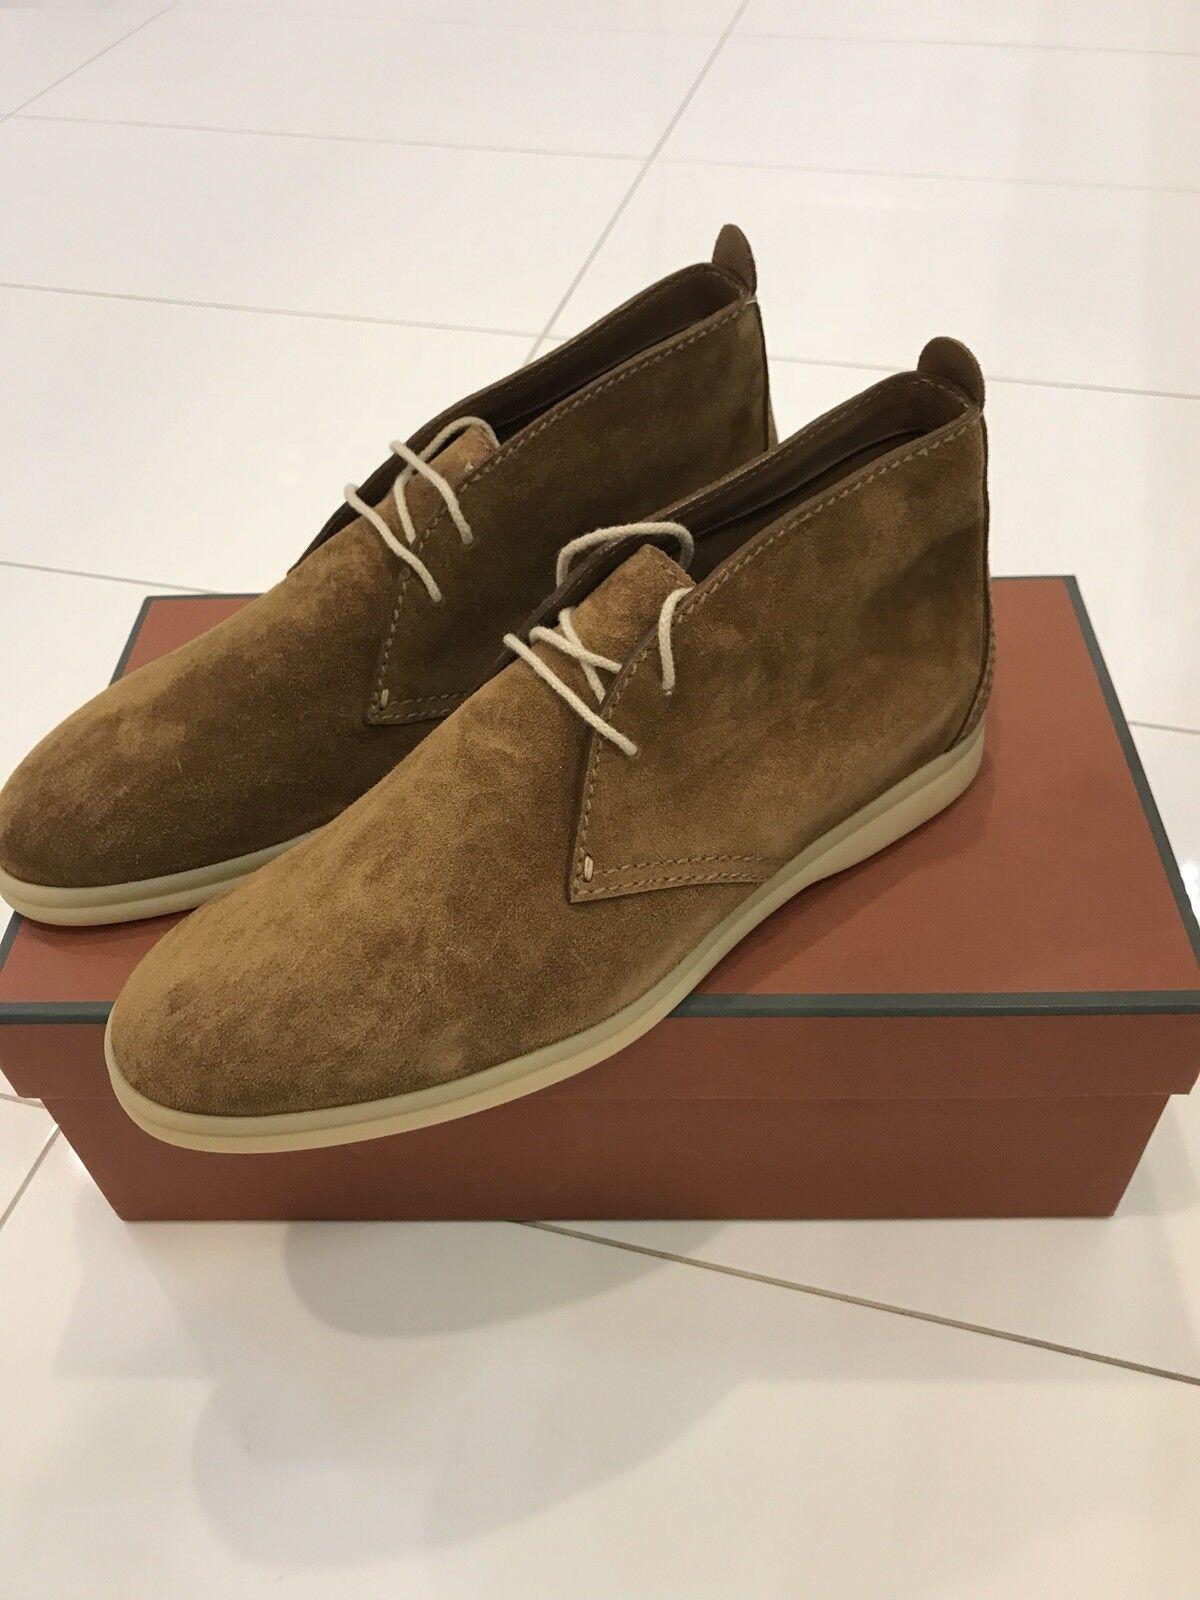 Loro Piana botas con cordones para hombre, Color Camello, al por menor , Totalmente Nuevo